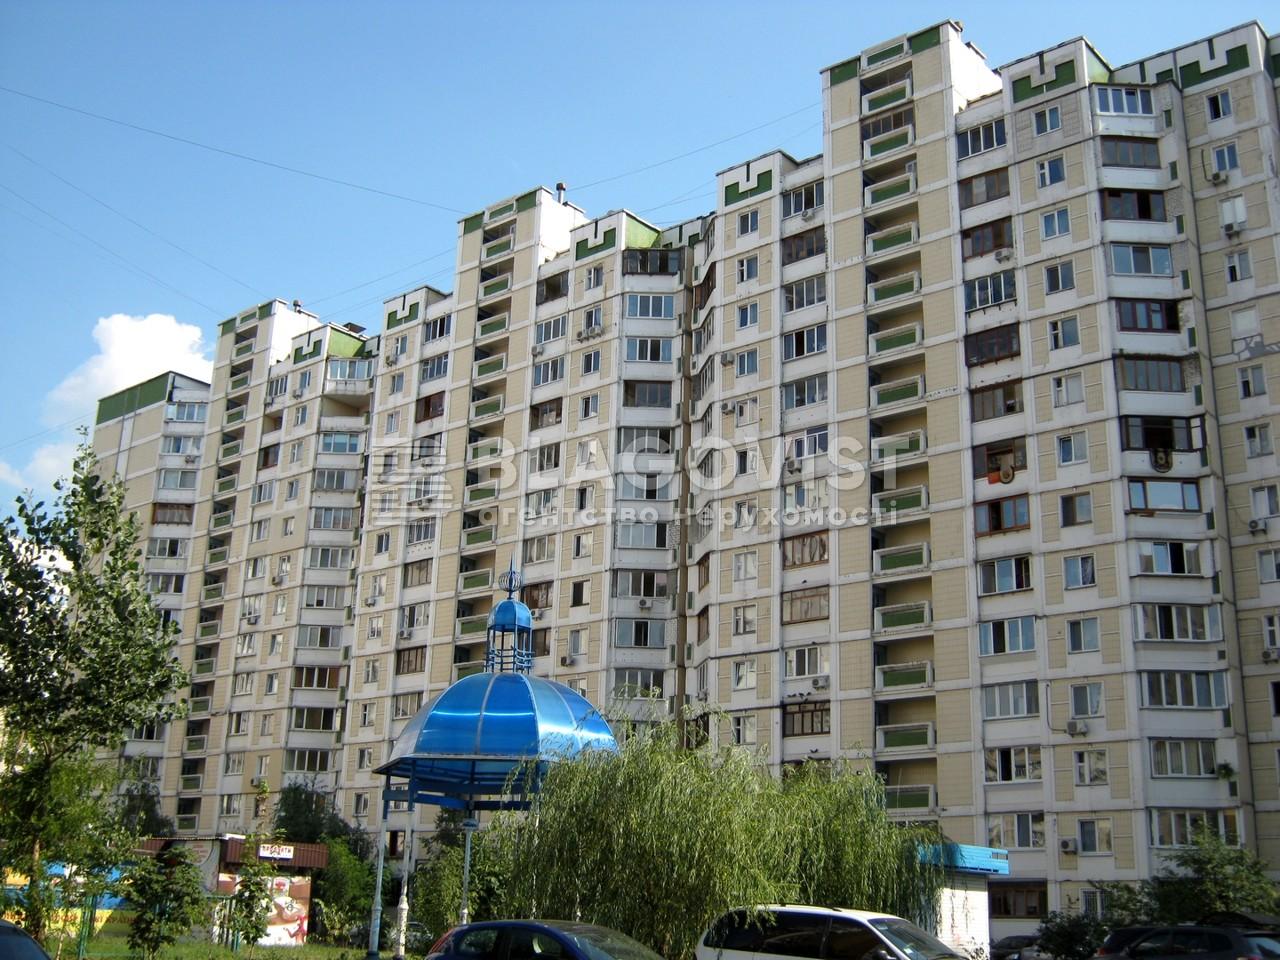 Квартира R-39134, Вишняковская, 7а, Киев - Фото 2